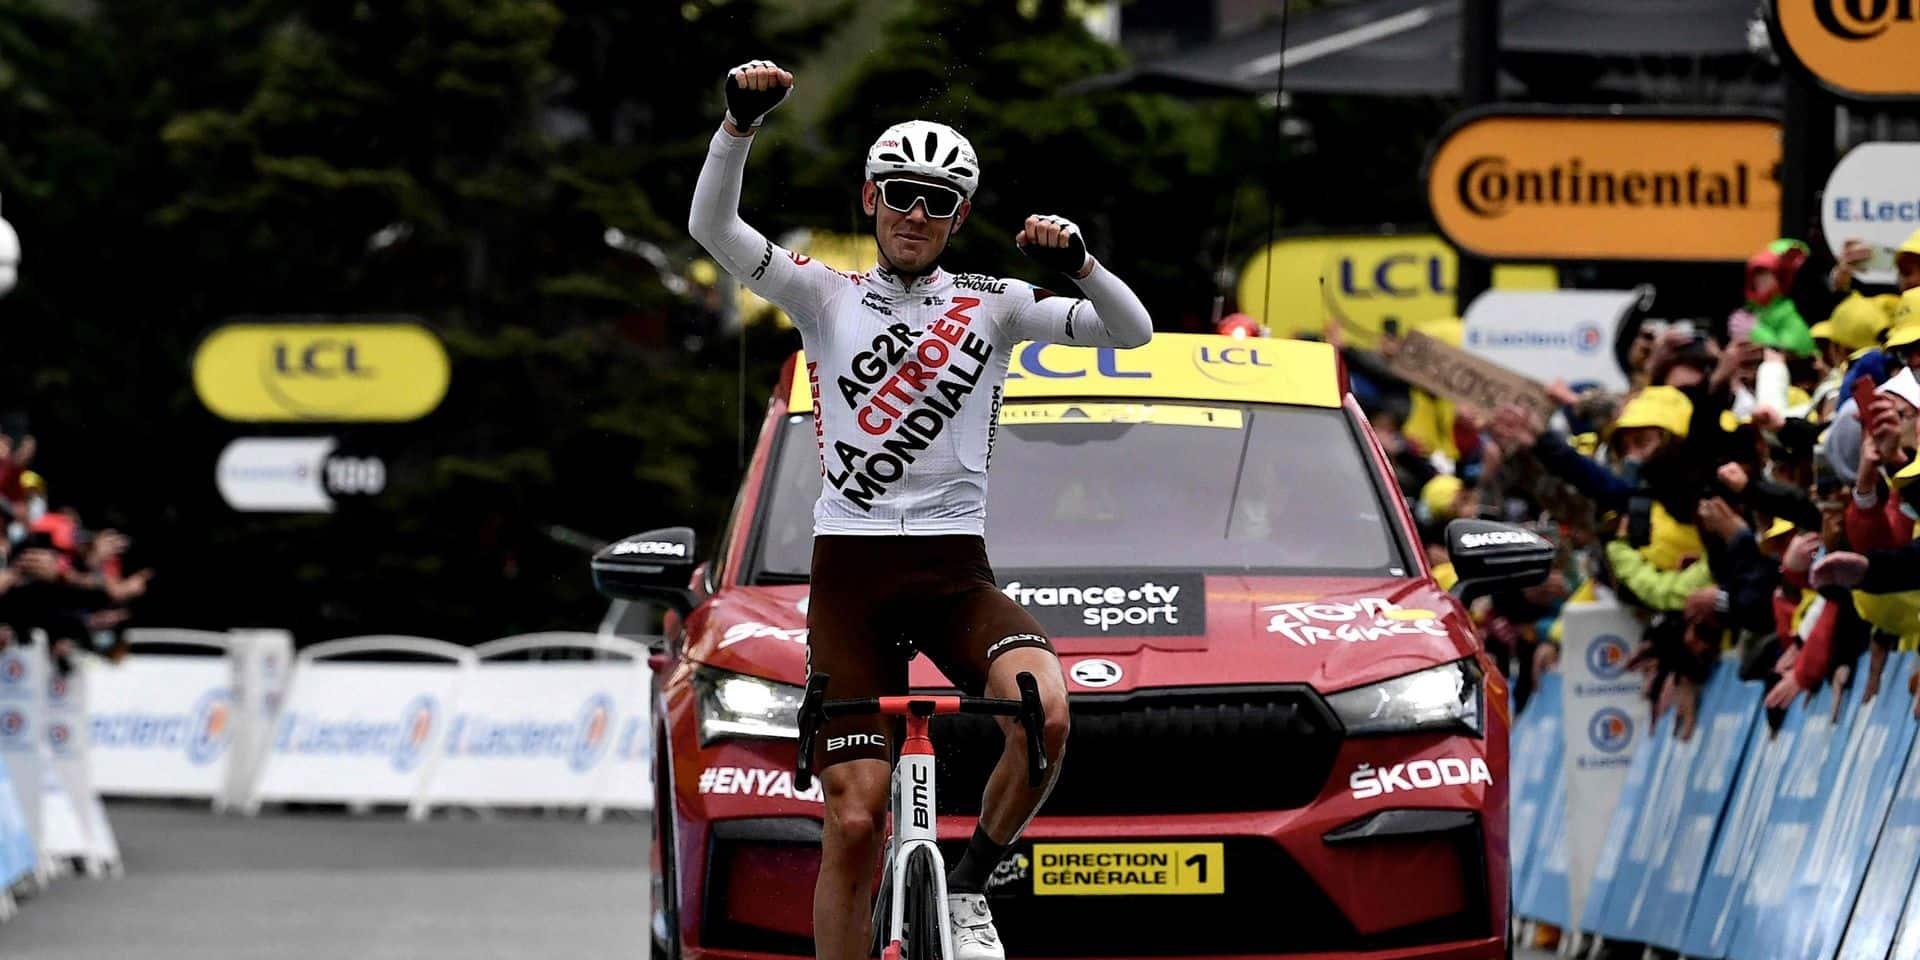 L'Australien Ben O'Connor remporte sa première étape sur le Tour de France, Pogacar conforte encore son maillot jaune